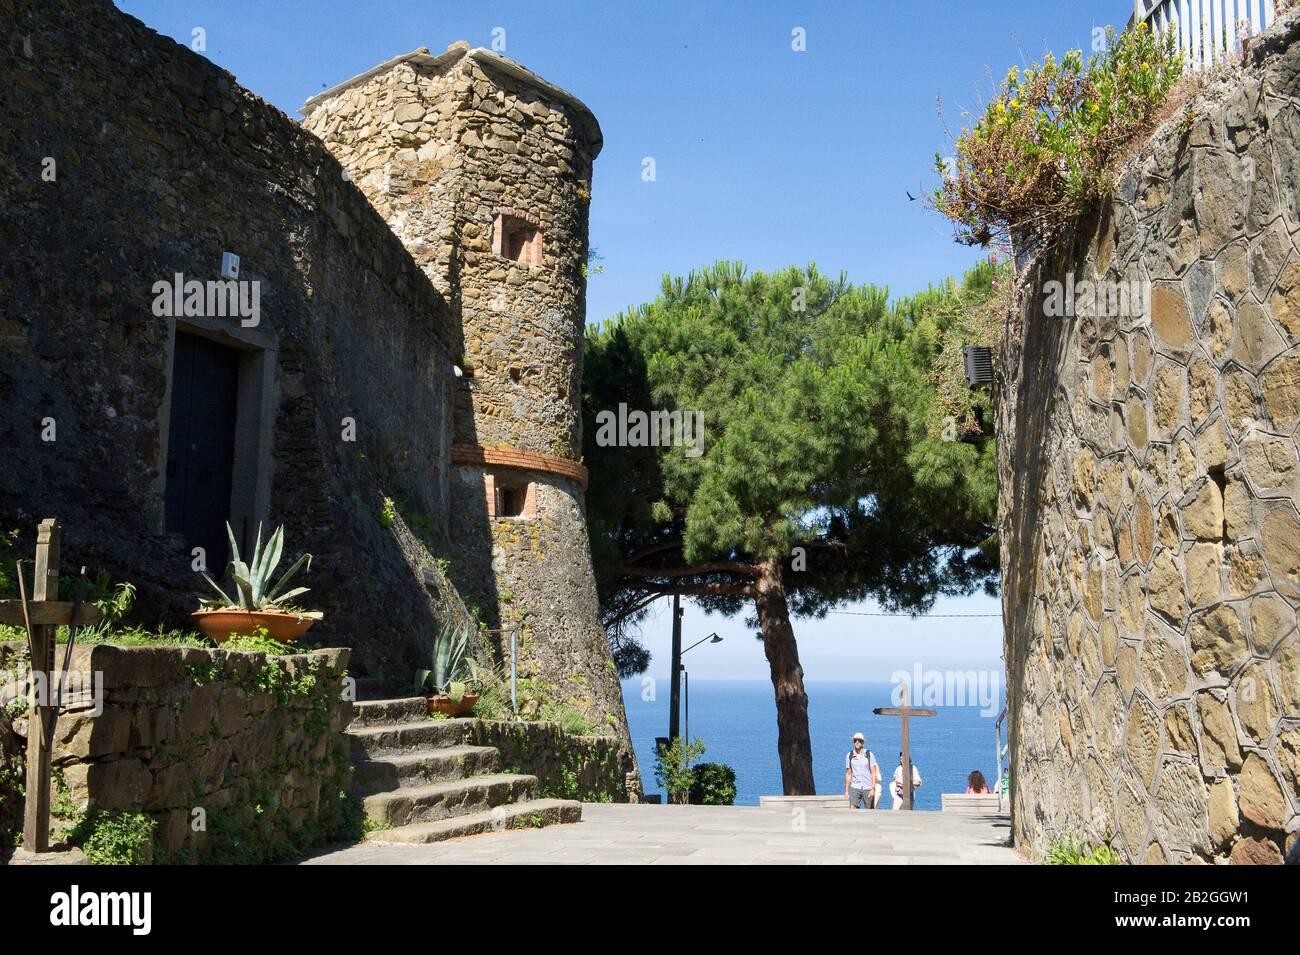 Riomaggiore donne sur la mer dans la province de la Spezia, se trouve dans le parc naturel des Cinque Terre en Ligurie, dans le nord-ouest de l'Italie. Il est inscrit sur la liste du patrimoine mondial de l'UNESCO. Tour d'observation de Saracen Banque D'Images